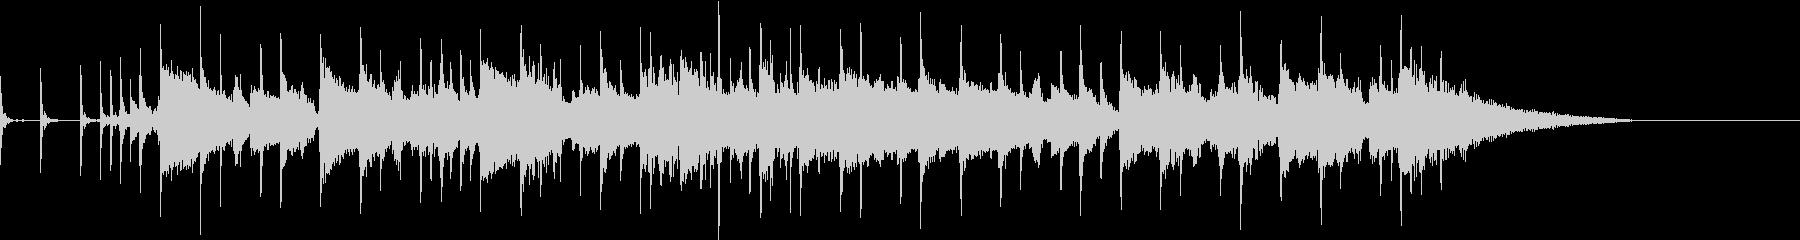 バウンドサウンド邦ロック風OP用BGMの未再生の波形